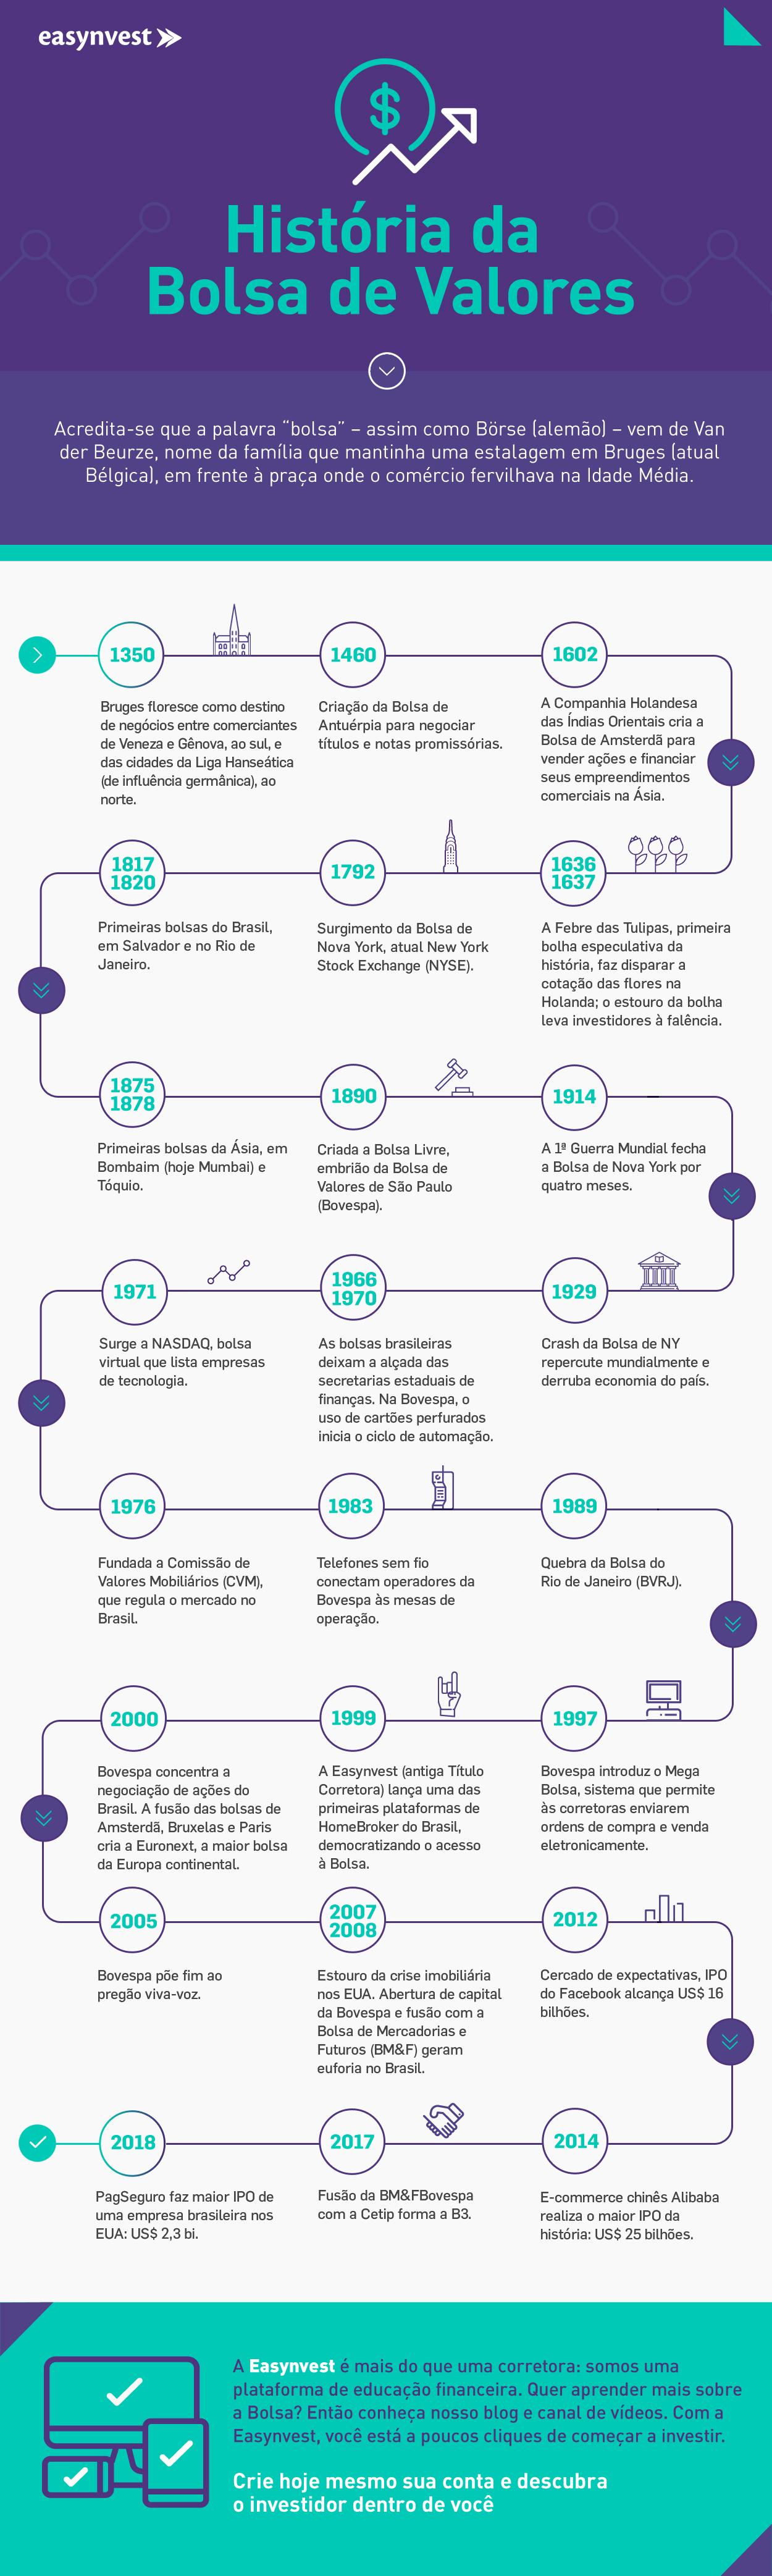 Infográfico sobre a história da bolsa de valores